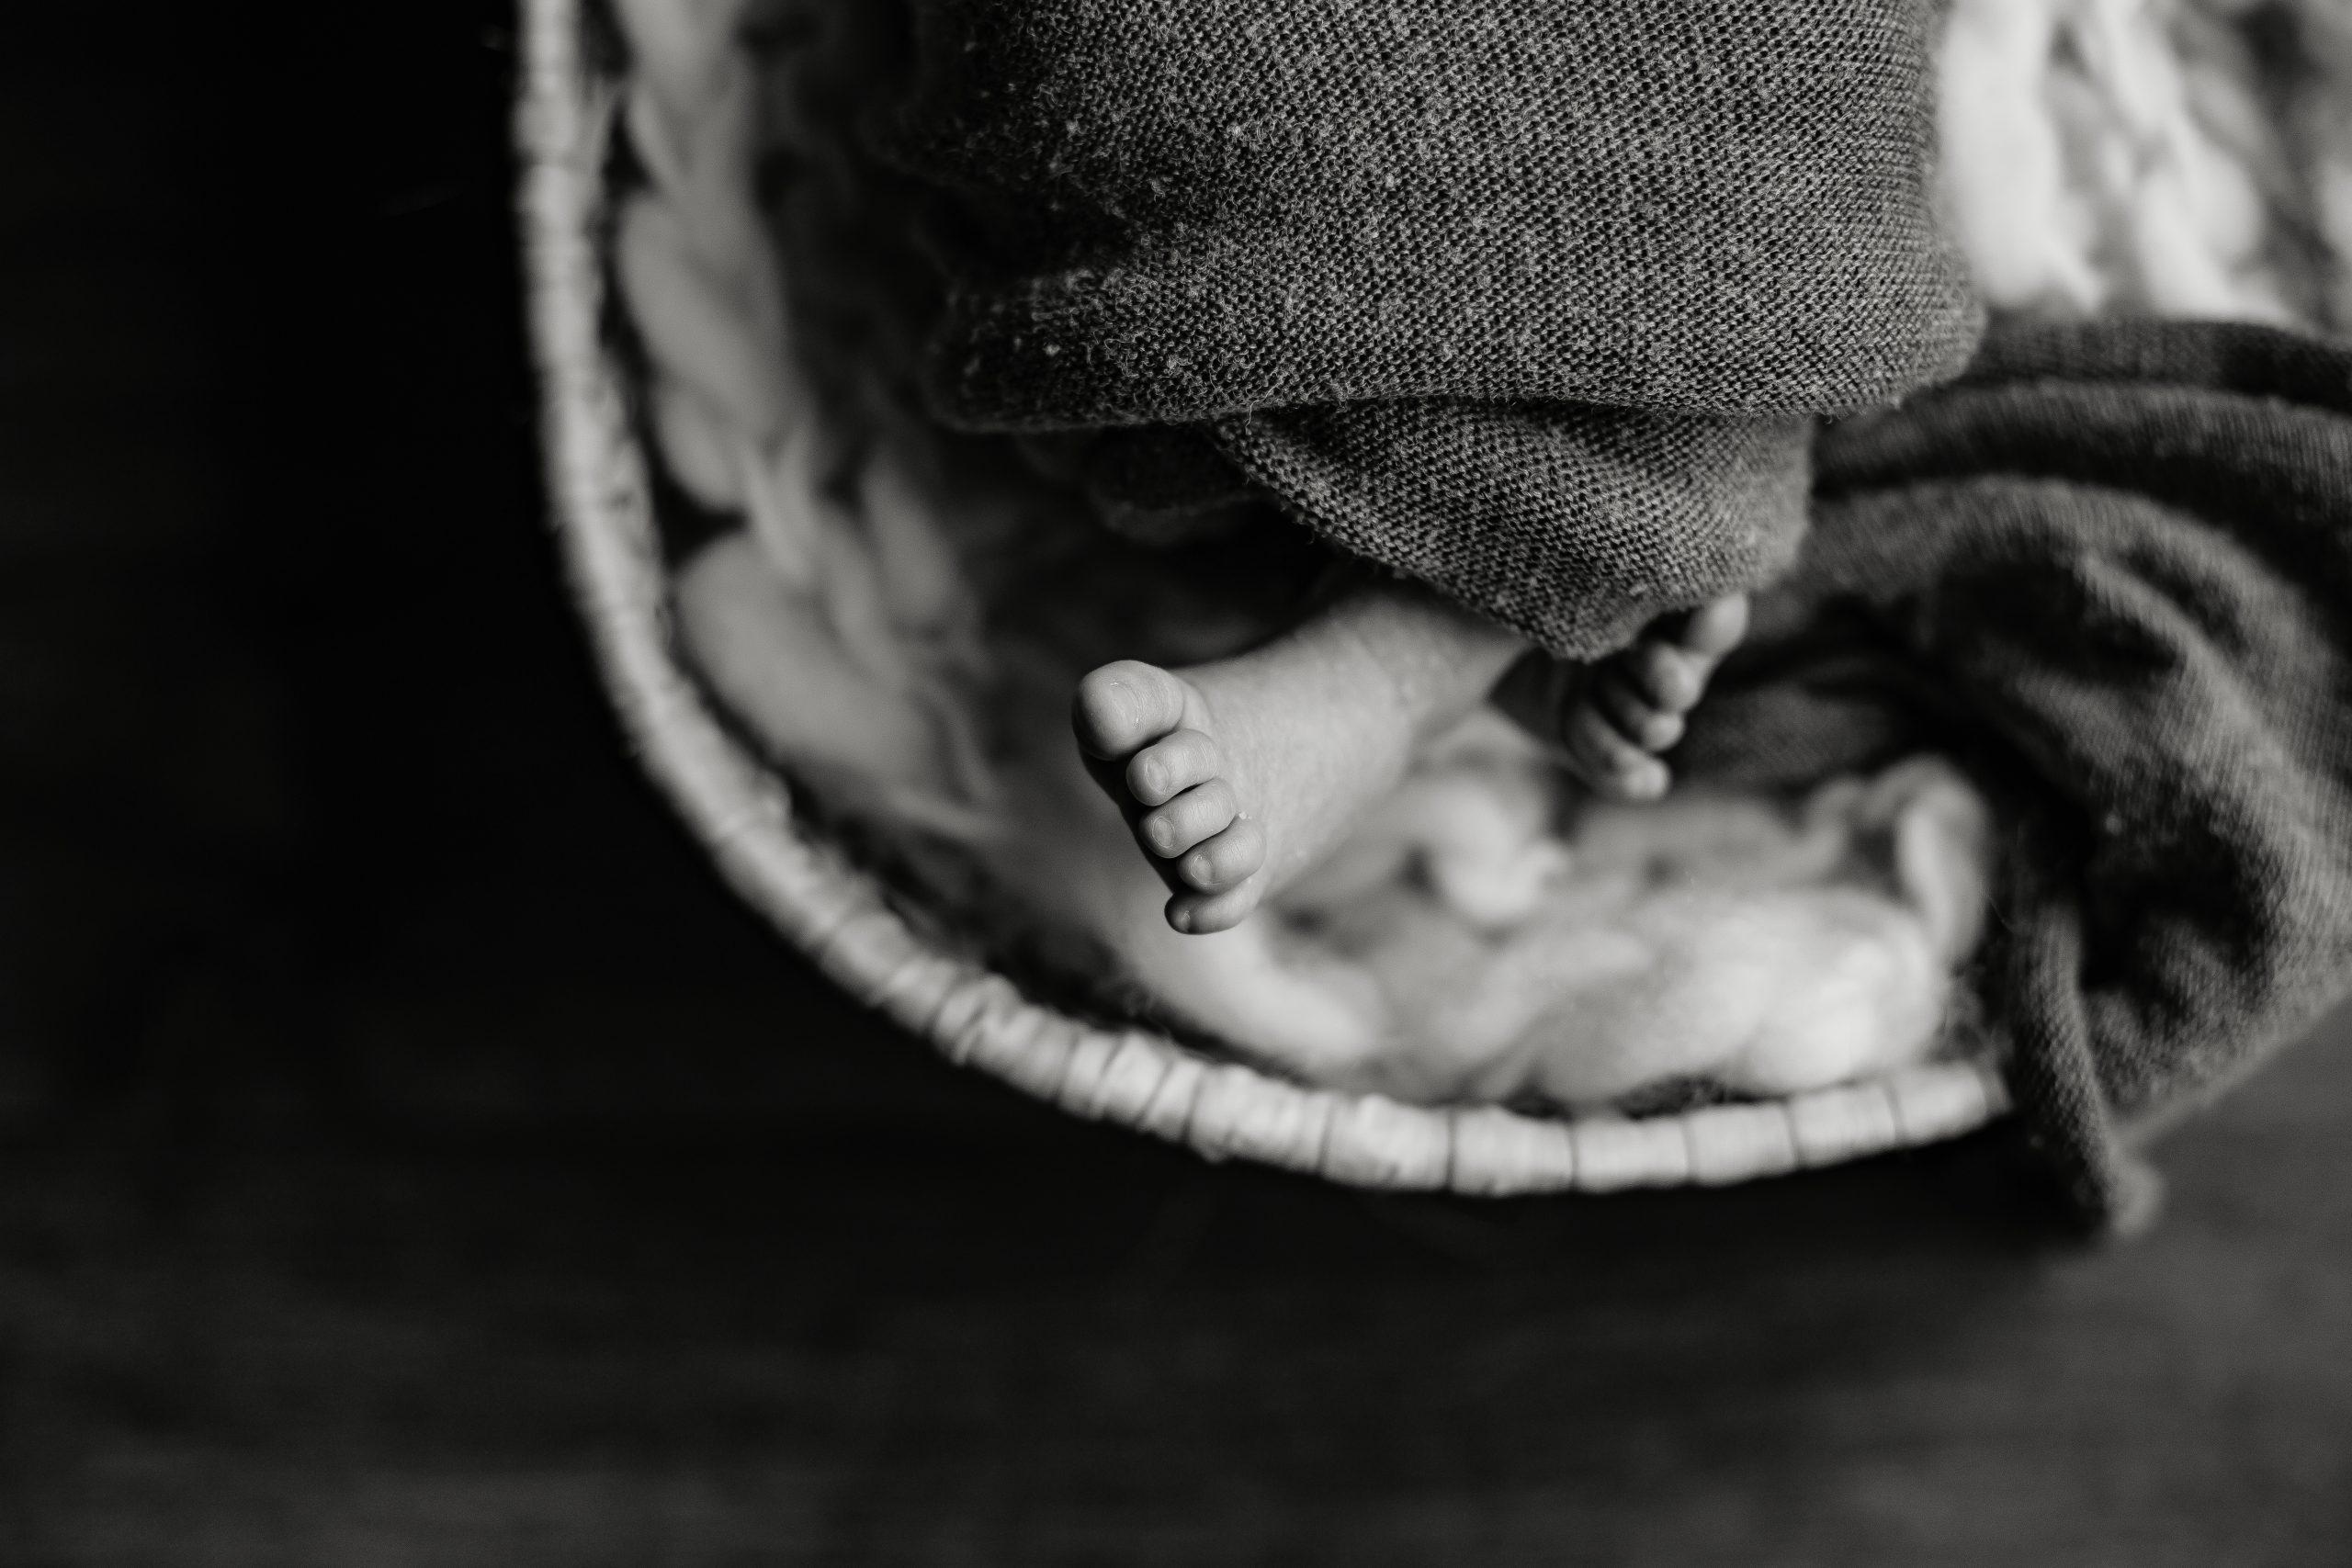 Virginie M. Photos-séance à domicile-bébé-naissance-lifestyle-amour-famille-photographe Lille-Nord-Lille-photos-nouveau né (21)